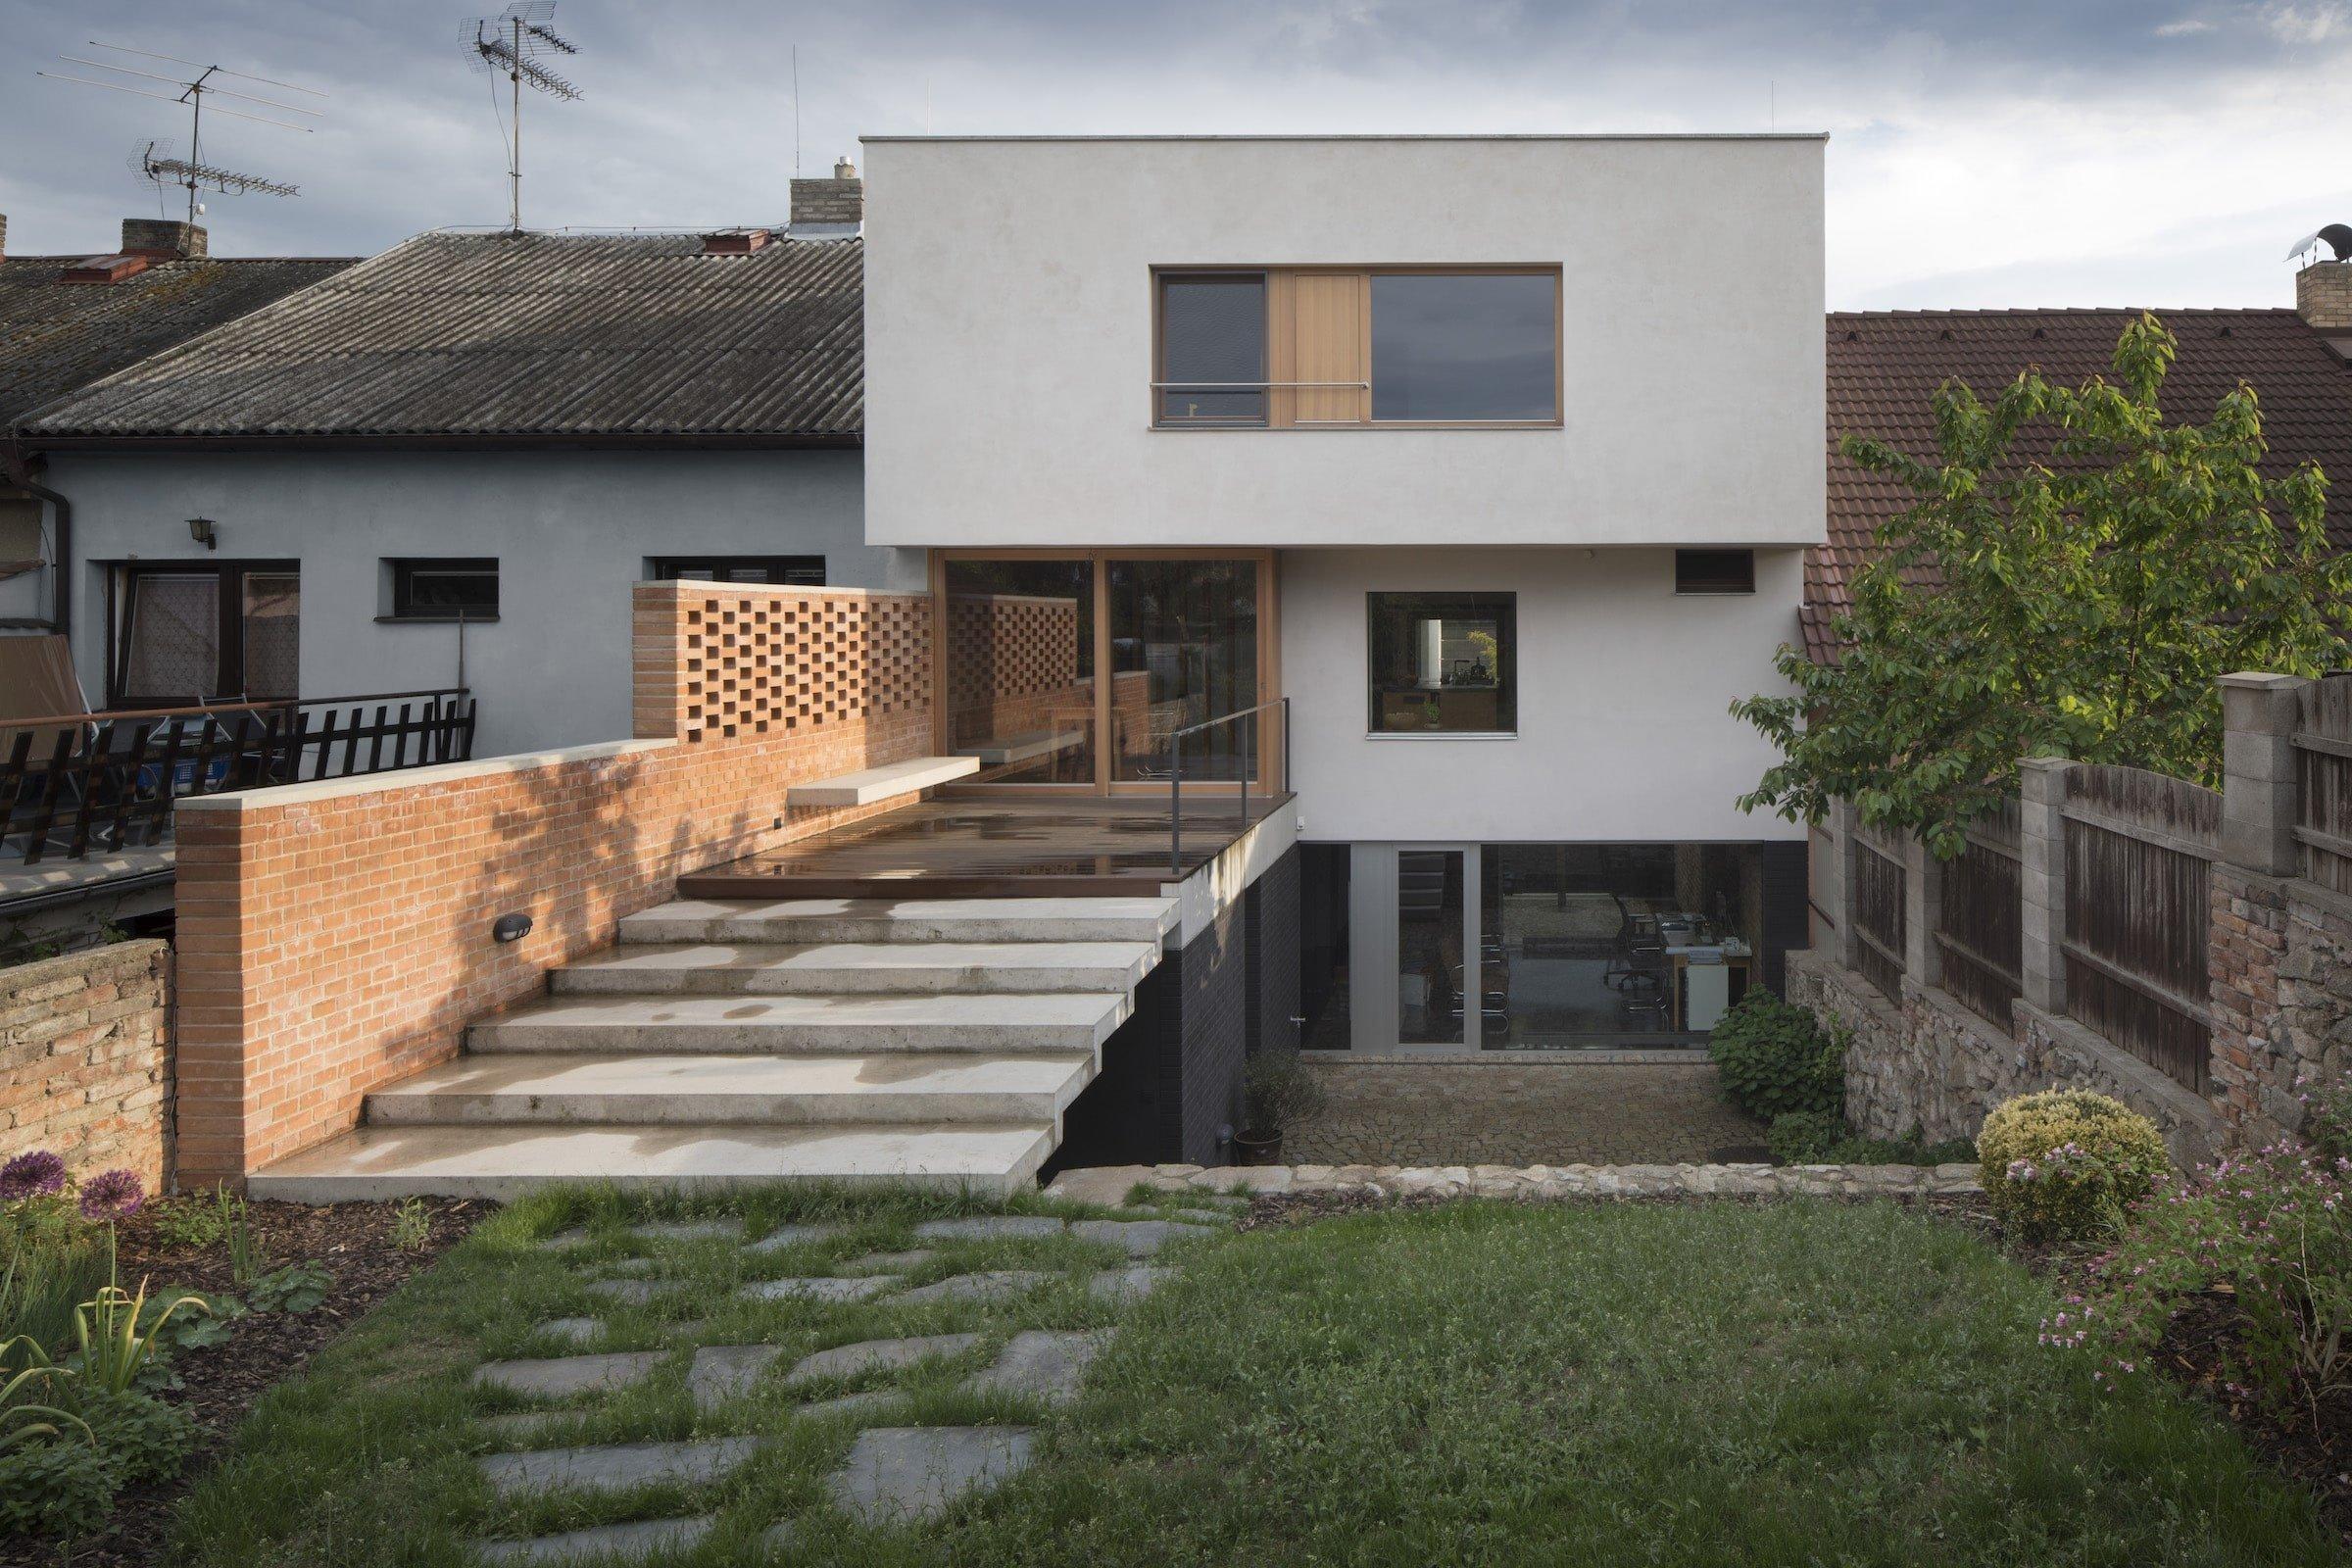 Dům má tři podlaží a každé je svébytnou zónou. Vzájemně jsou propojena schodištěm a prostory otevřenými přes více podlaží.